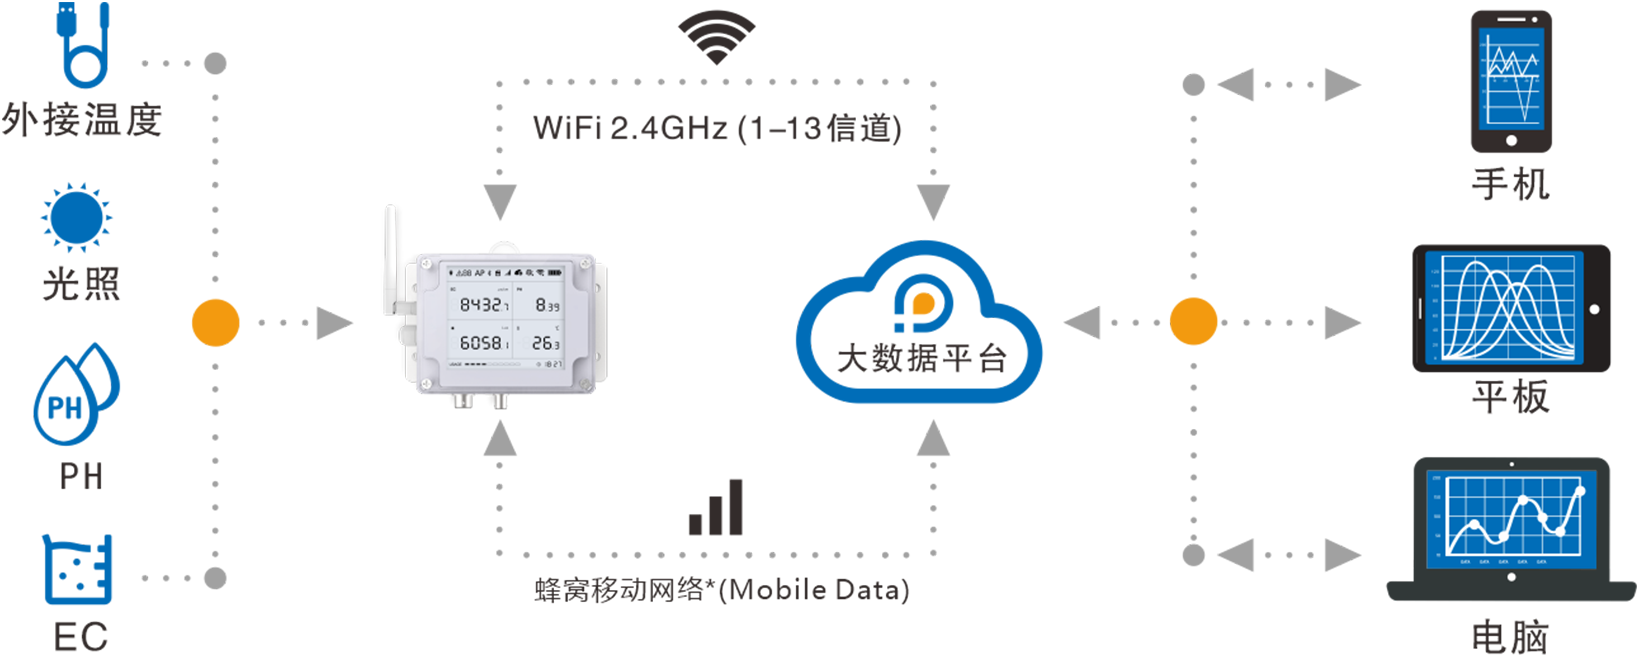 WiFi / 移动网络*双接入